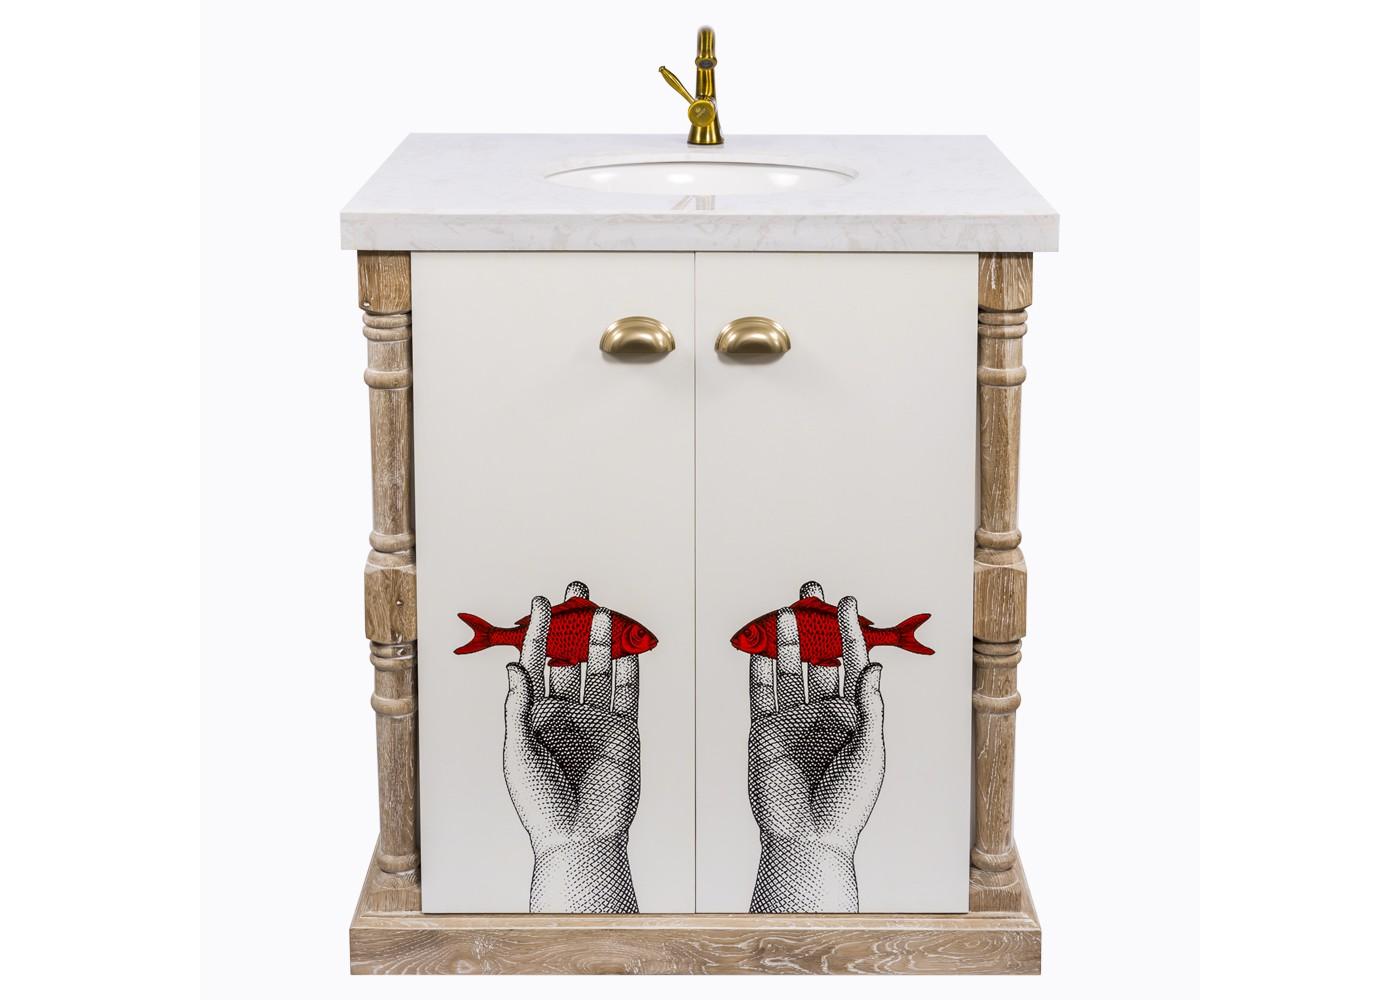 Тумба с раковиной Лина, версия ОкеанТумбы для ванной<br>&amp;lt;div&amp;gt;&amp;lt;div&amp;gt;Тумба для ванной комнаты &amp;quot;Океан&amp;quot; просторна, удобна, оригинальна и эстетична. Обладая широким бытовым и декоративным потенциалом, тумба устроит и практиков, и эстетов. Первым она предоставит идеальный органайзер, умещающий полный комплект парфюмерных и гигиенических средств. Вторые сочтут тумбу за арт-объект, возвышающий интерьер ослепительной свежестью и салонным глянцем. Тумба &amp;quot;Океан&amp;quot; - эталон интерьерной эклектики, гармонично совместившей массу диаметральных жанров и эпох: французский дворцовый классицизм, английский стиль, &amp;quot;модерн&amp;quot;, &amp;quot;прованс&amp;quot;, &amp;quot;поп-арт&amp;quot;.&amp;amp;nbsp;&amp;lt;/div&amp;gt;&amp;lt;div&amp;gt;&amp;lt;br&amp;gt;&amp;lt;/div&amp;gt;&amp;lt;div&amp;gt;Материал: массив дуба, мдф, мрамор, керамика.&amp;lt;/div&amp;gt;&amp;lt;/div&amp;gt;&amp;lt;div&amp;gt;&amp;lt;br&amp;gt;&amp;lt;/div&amp;gt;&amp;lt;div&amp;gt;&amp;lt;br&amp;gt;&amp;lt;/div&amp;gt;<br><br>&amp;lt;iframe width=&amp;quot;530&amp;quot; height=&amp;quot;360&amp;quot; src=&amp;quot;https://www.youtube.com/embed/pYyhIontOYI&amp;quot; frameborder=&amp;quot;0&amp;quot; allowfullscreen=&amp;quot;&amp;quot;&amp;gt;&amp;lt;/iframe&amp;gt;<br><br>Material: Дуб<br>Ширина см: 90.0<br>Высота см: 80.0<br>Глубина см: 60.0